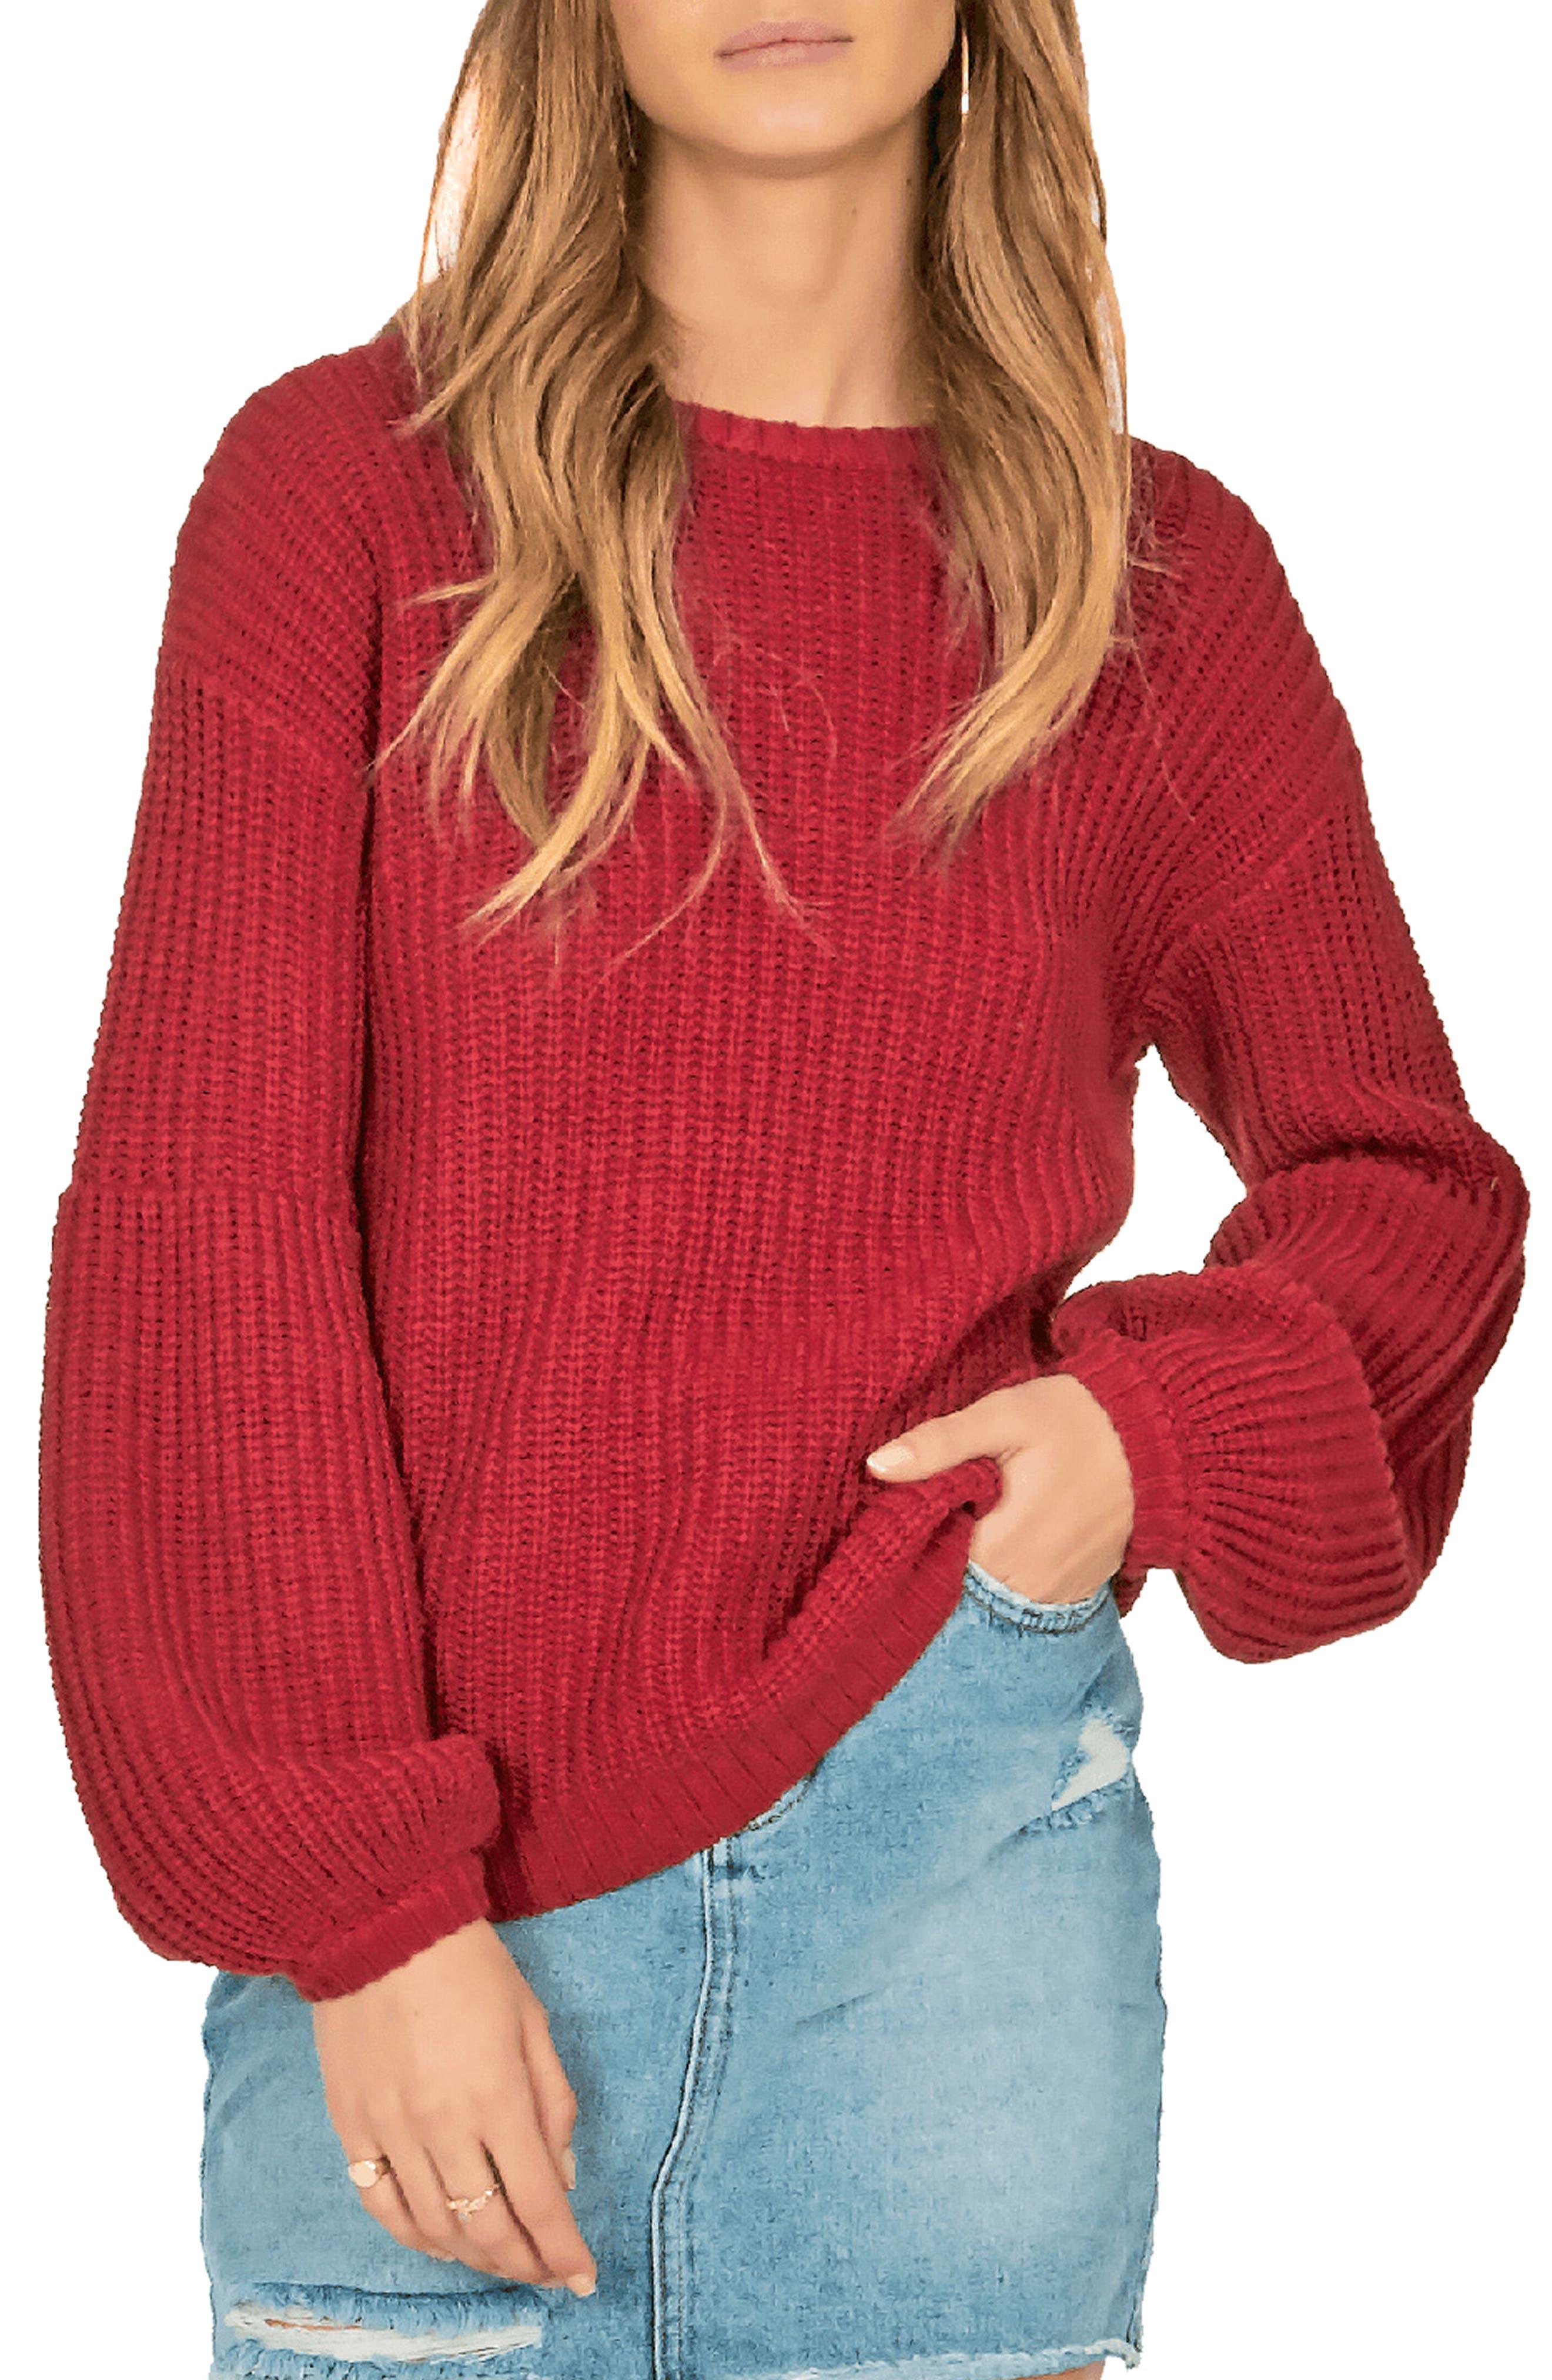 AMUSE SOCIETY Rodas Balloon Sleeve Sweater in Crimson